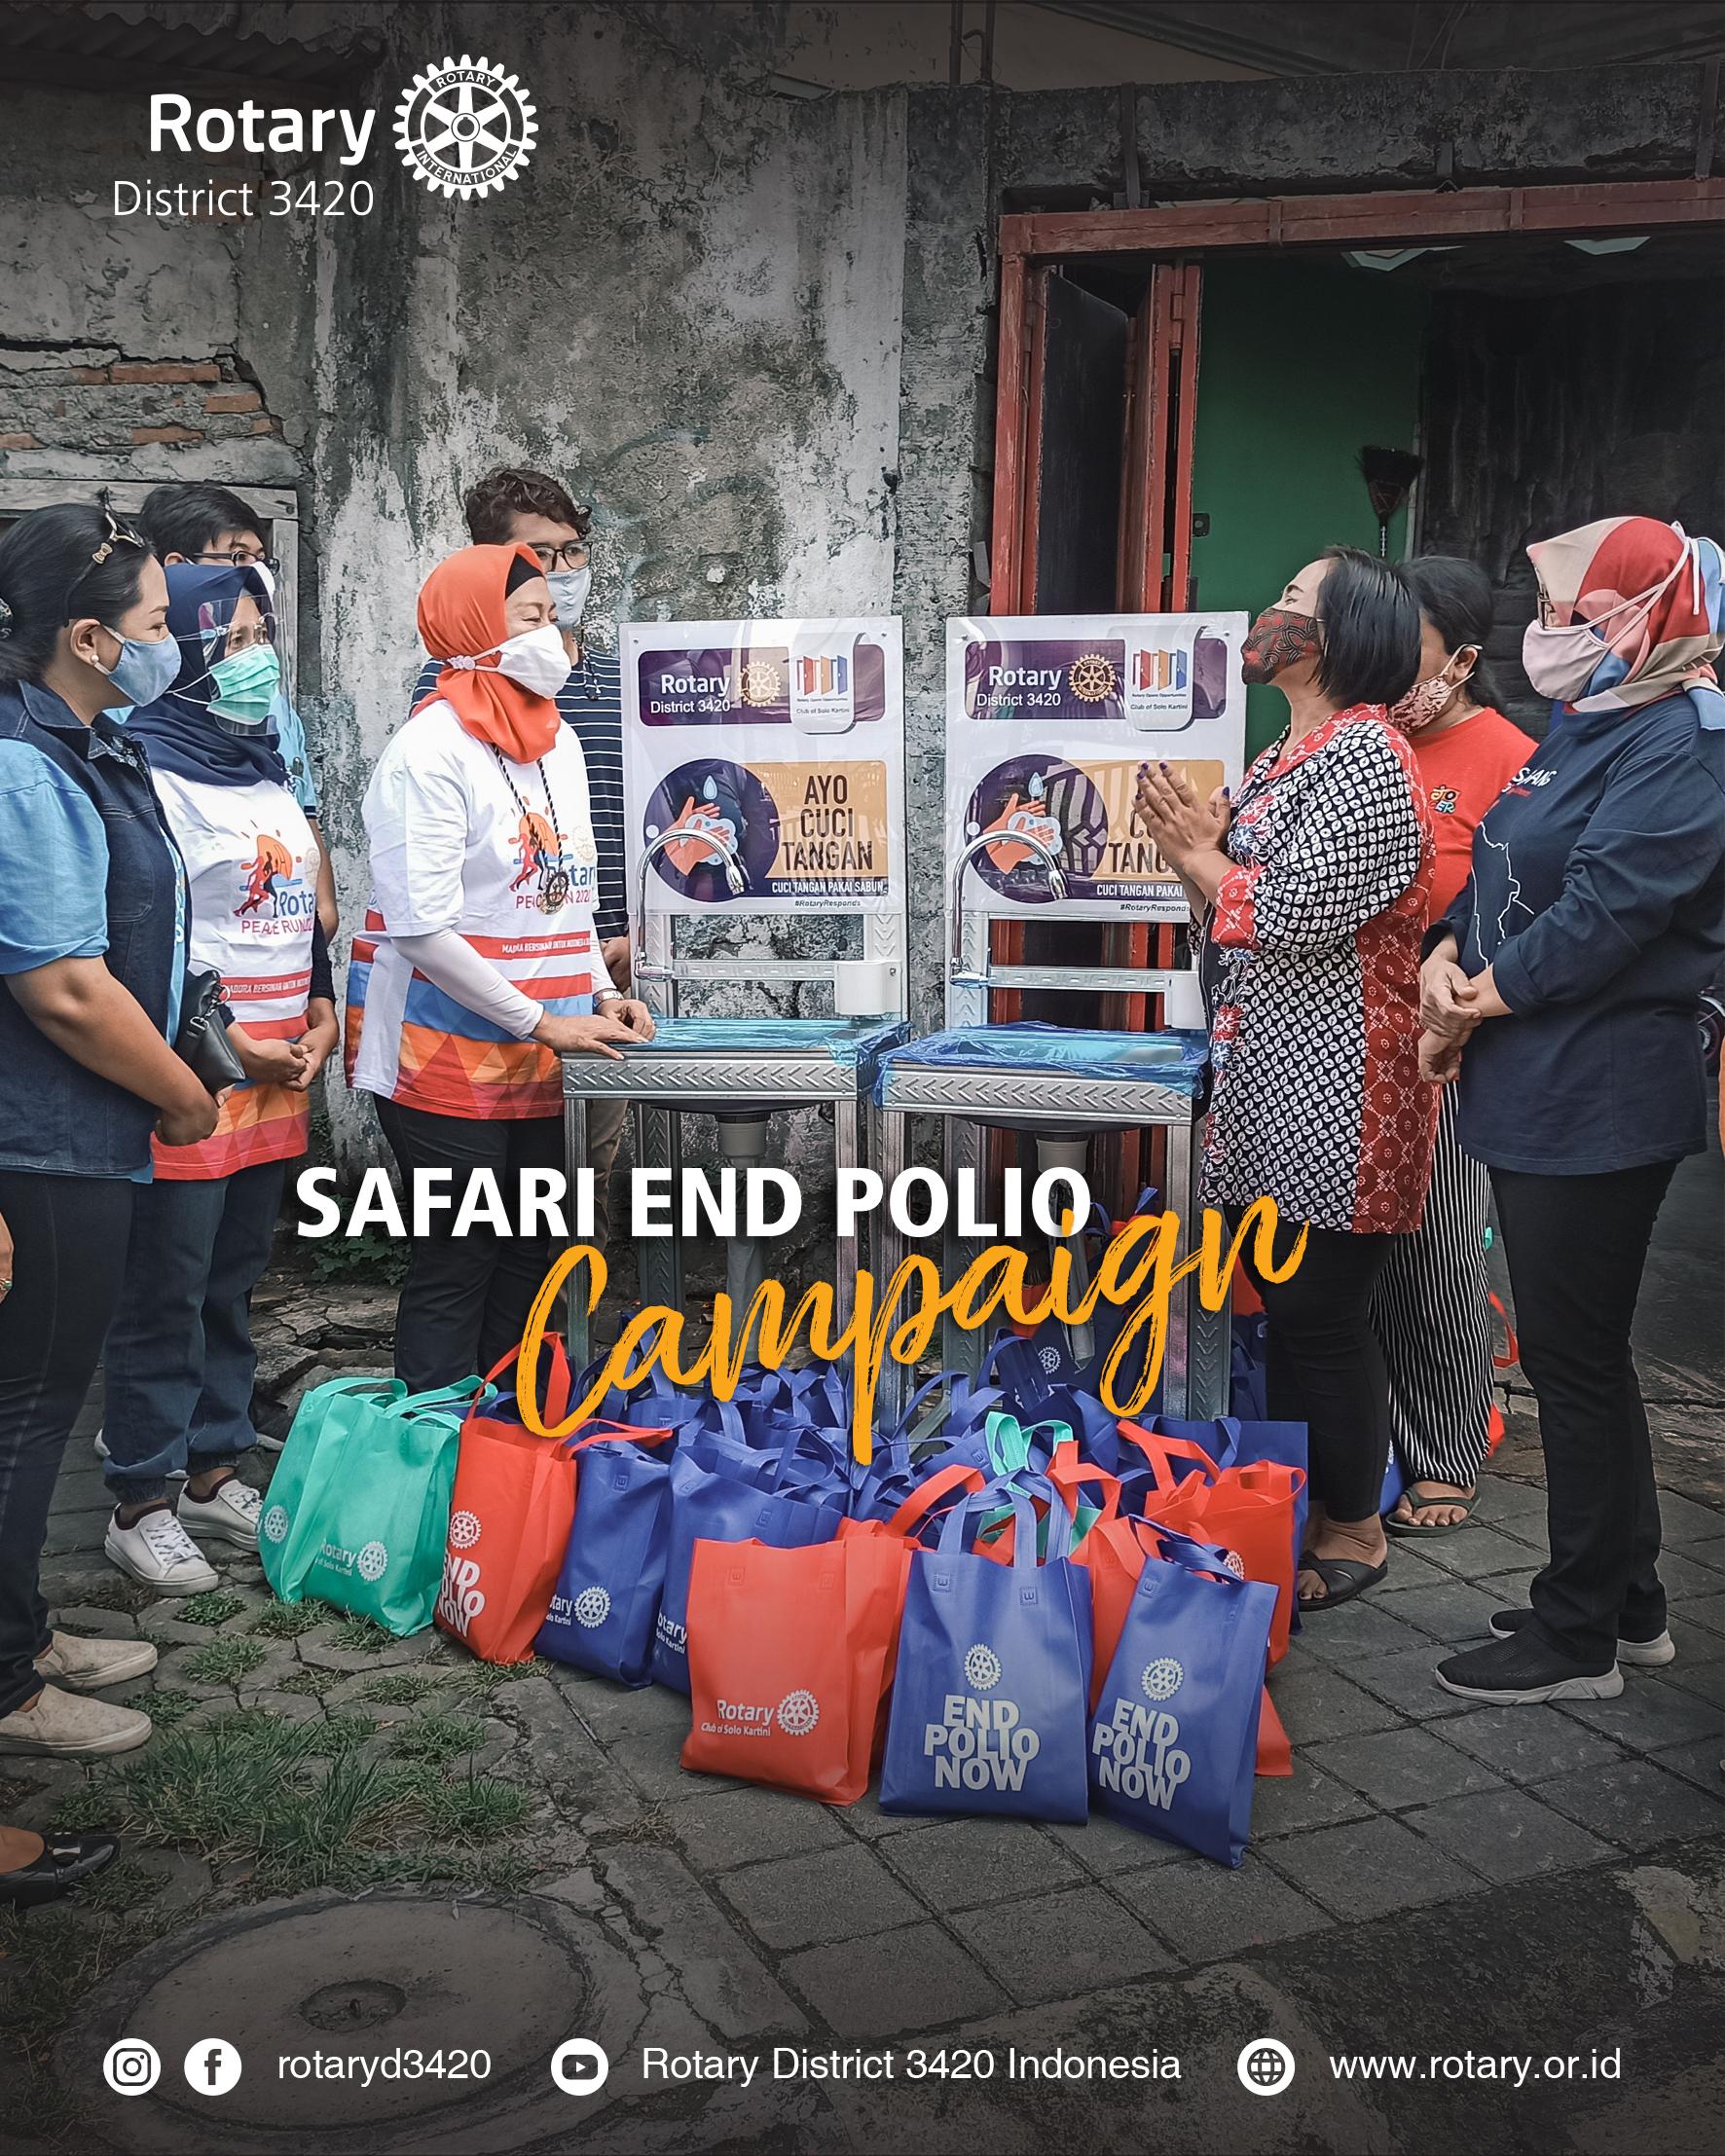 Safari End Polio Campaign